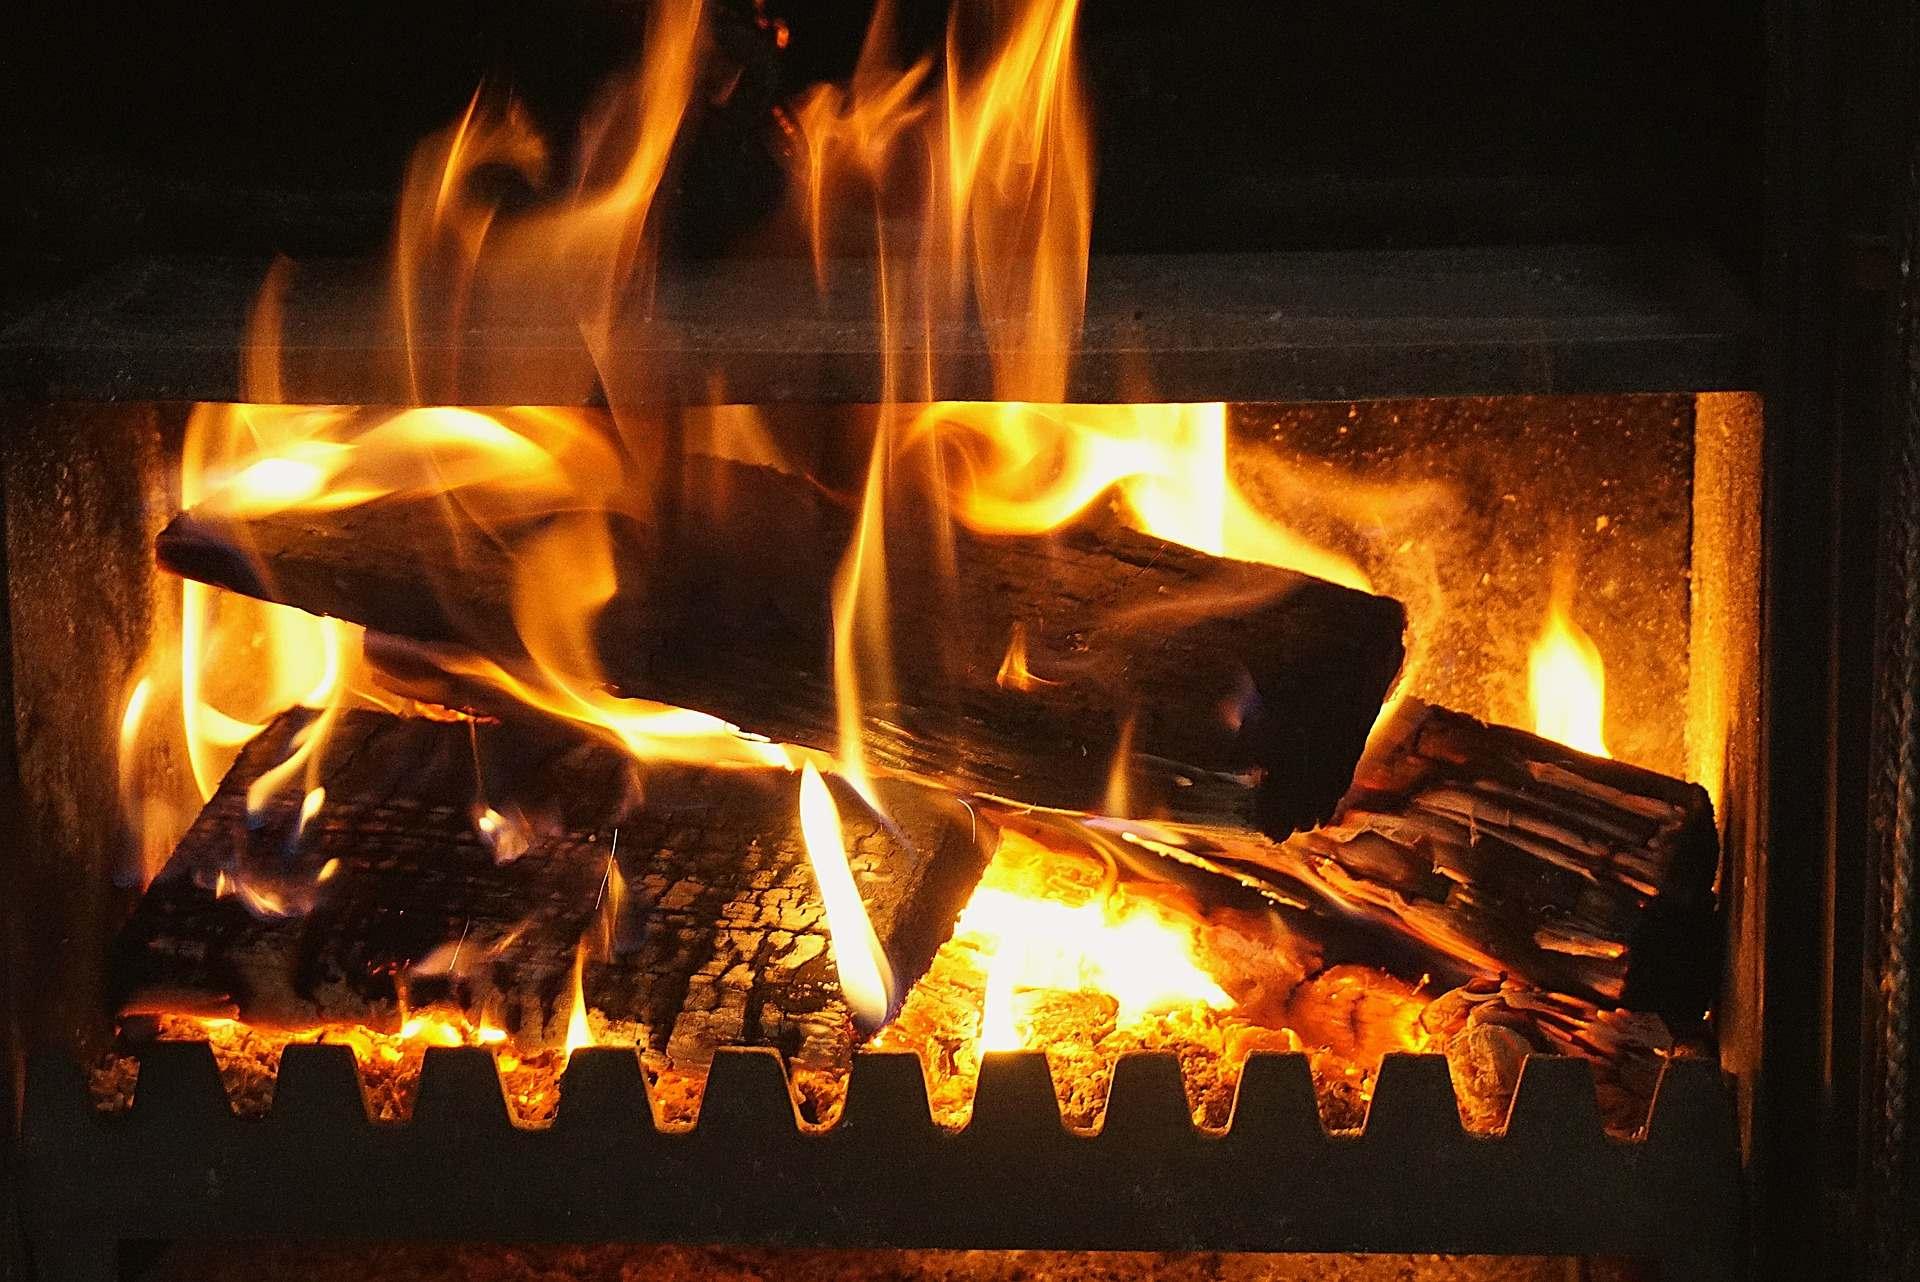 Пожарные просят новороссийцев быть осторожными с печками